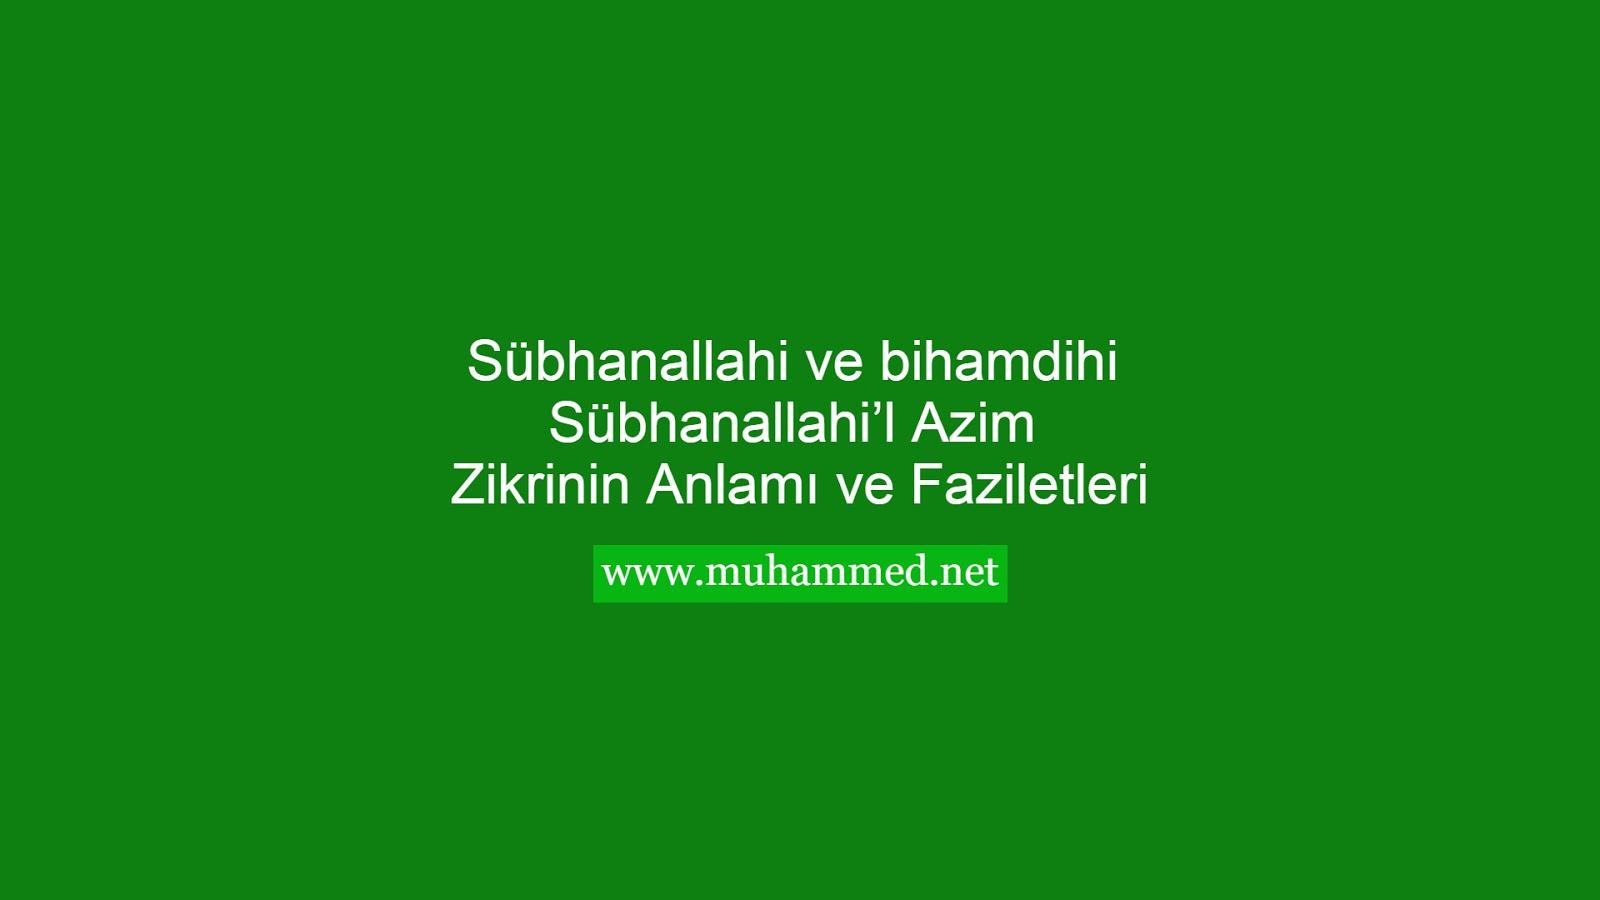 Sübhanallahi ve bihamdihi Sübhanallahi'l Azim Zikrinin Anlamı, Faziletleri